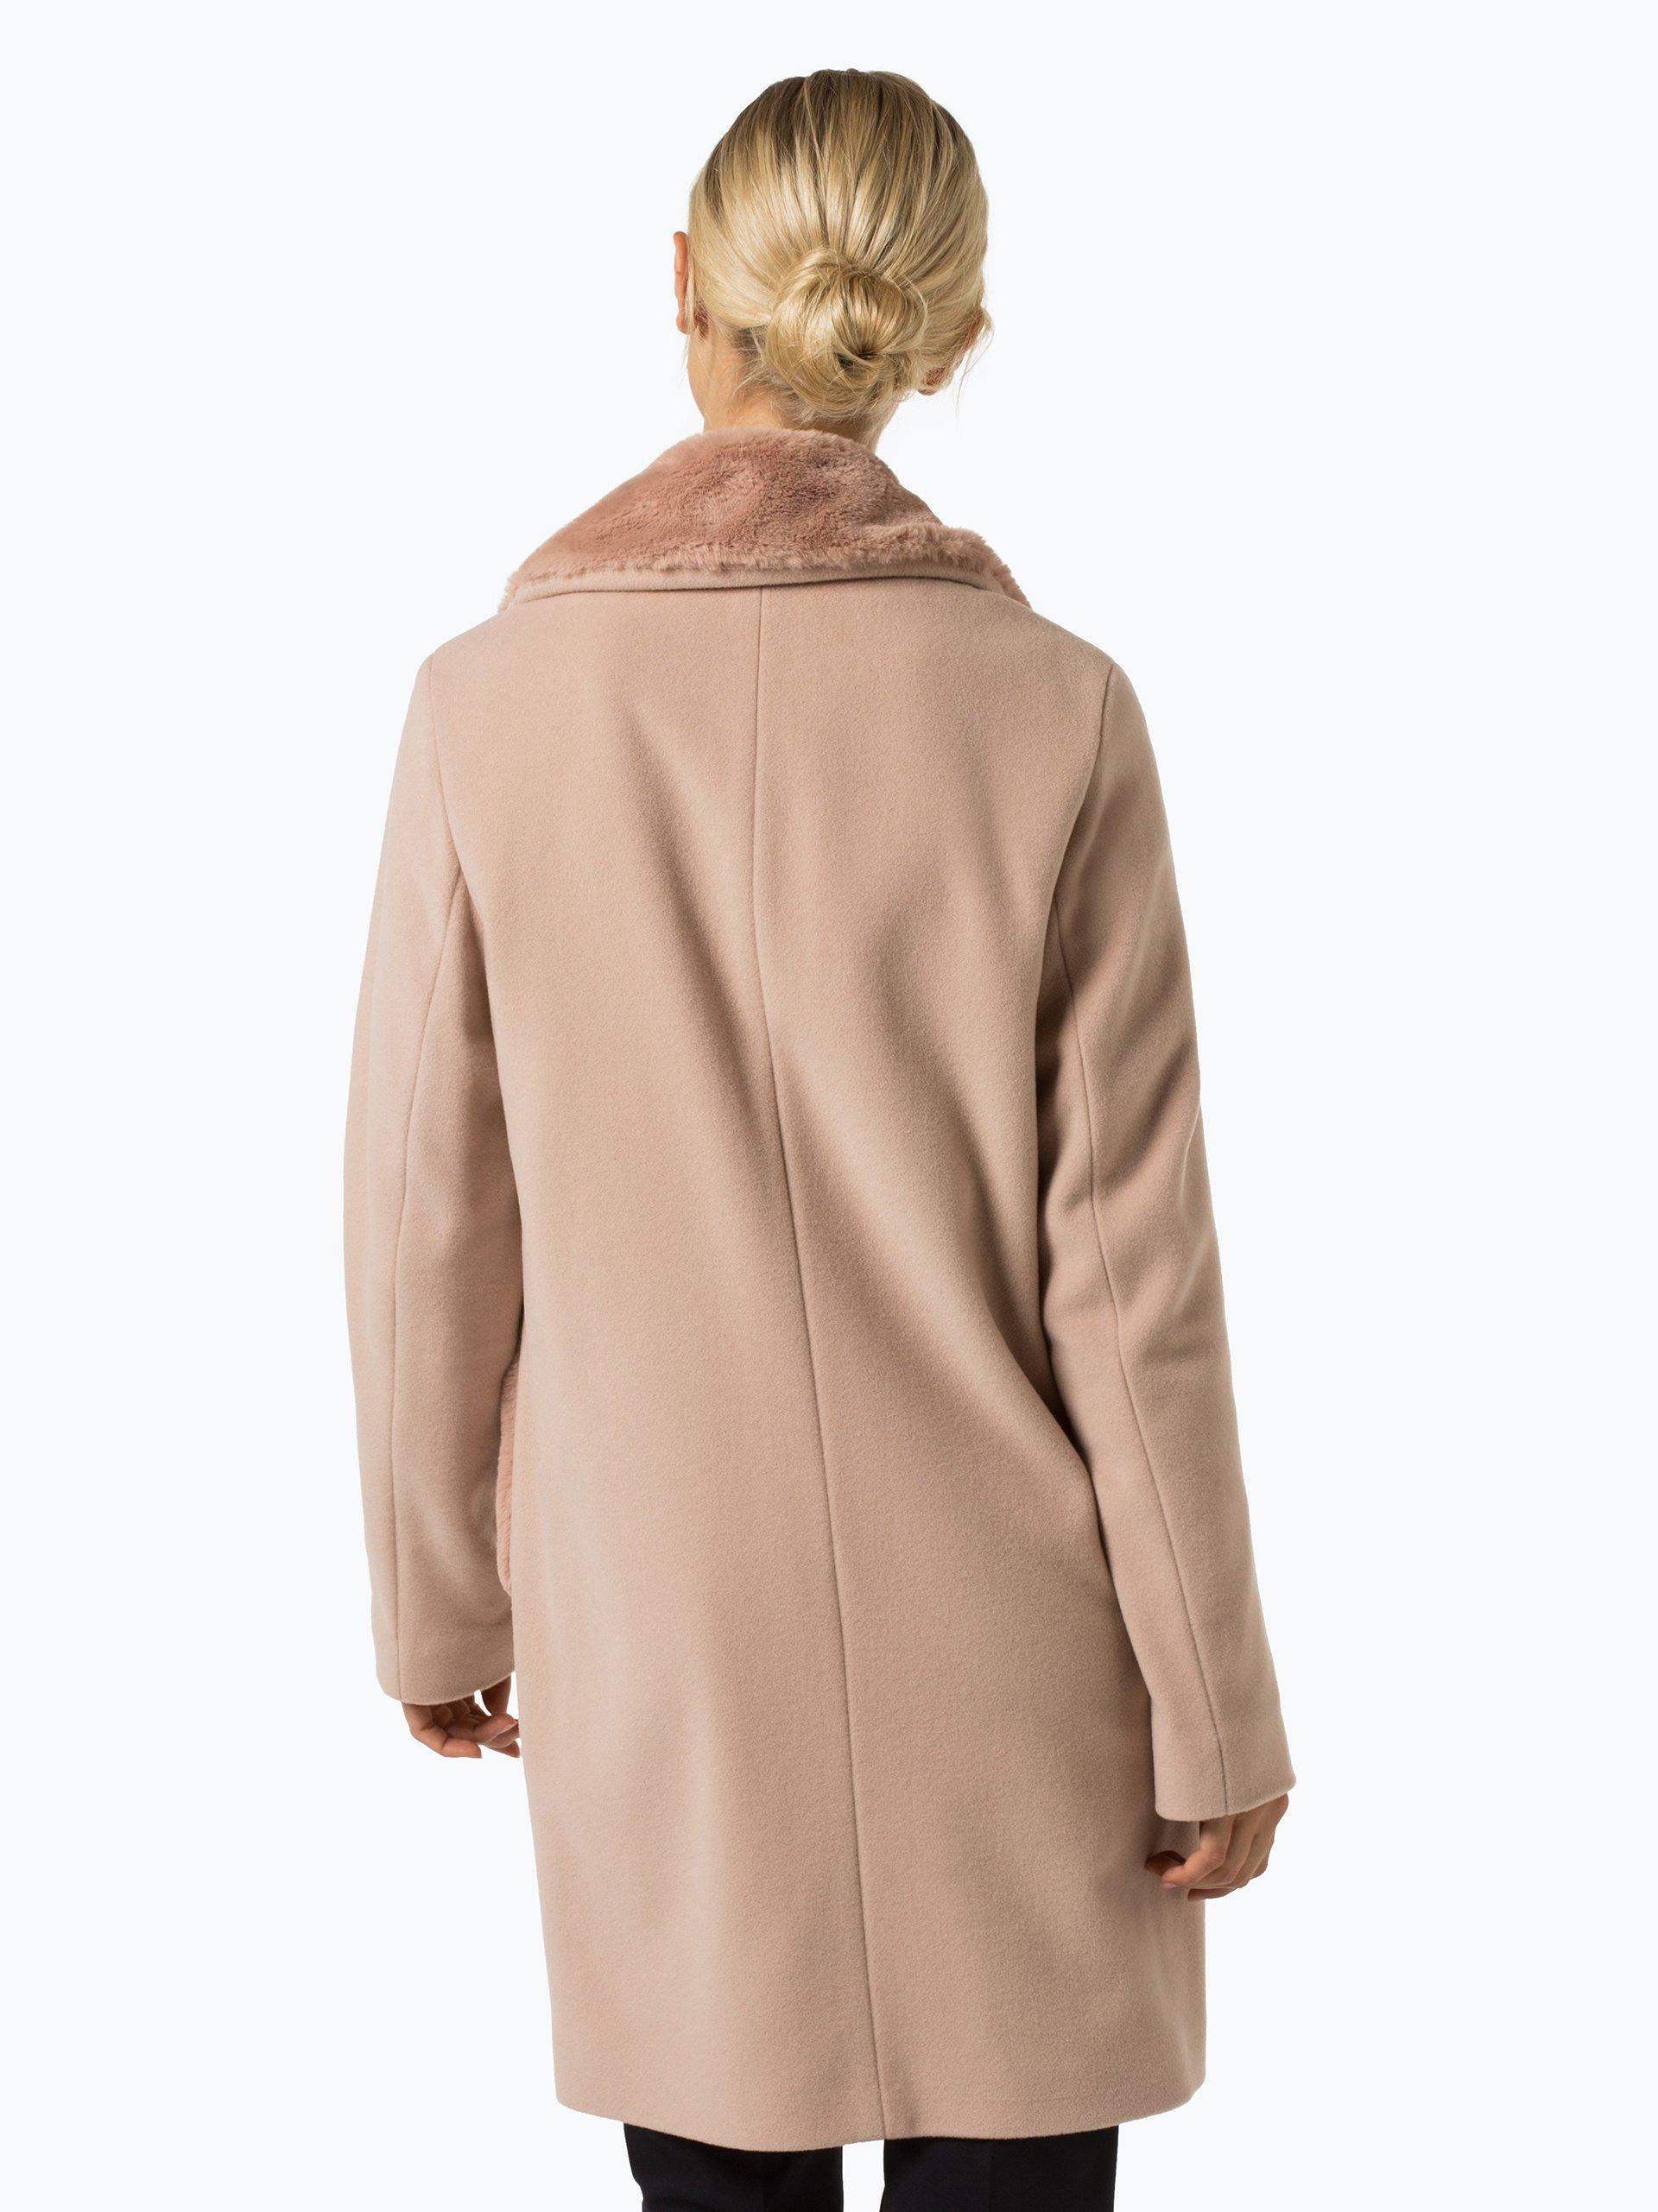 marie lund damen mantel mit cashmere anteil altrosa uni online kaufen peek und cloppenburg de. Black Bedroom Furniture Sets. Home Design Ideas